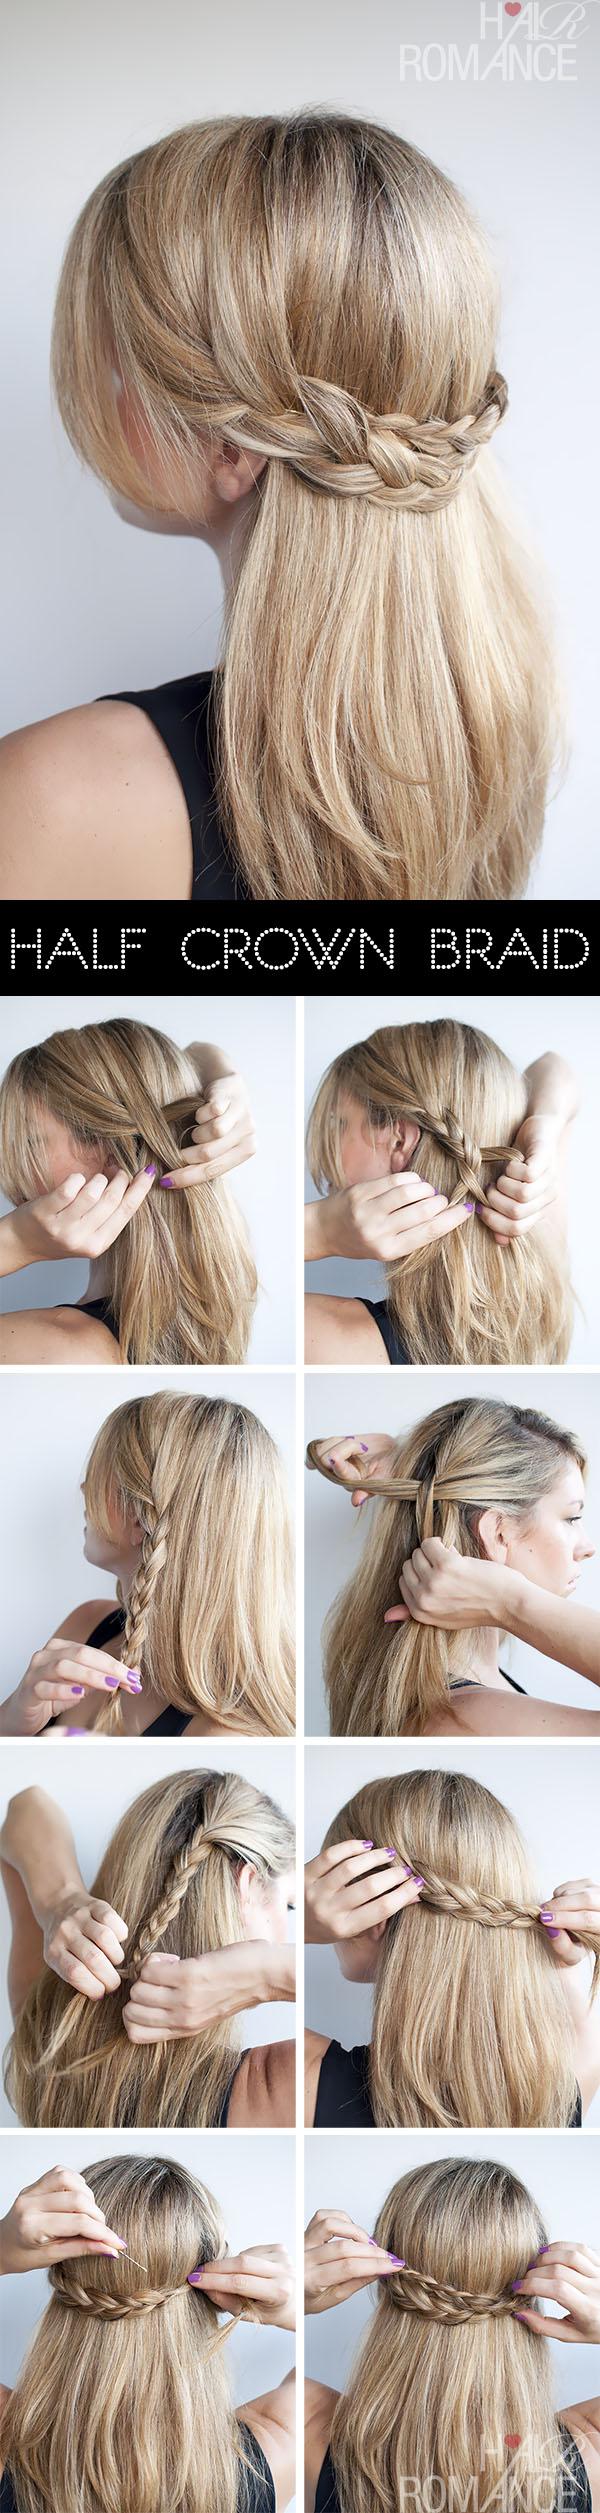 Hairstyle tutorial - Half crown braid - Hair Romance